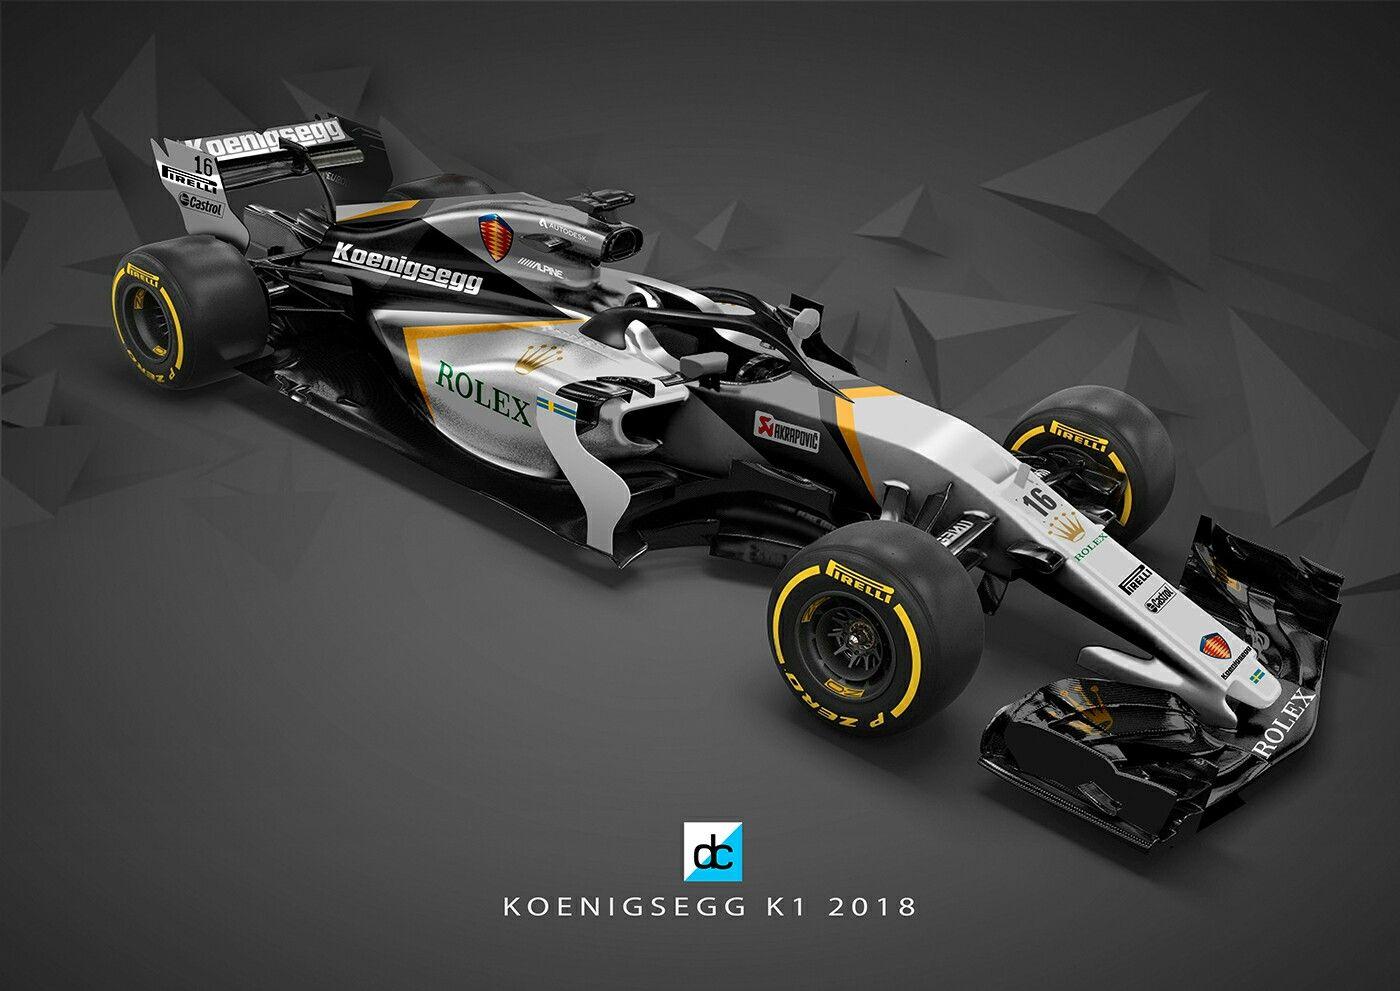 Koenigsegg F1 Team By Daniel Crossman Carros De Luxo Carros Formula Um